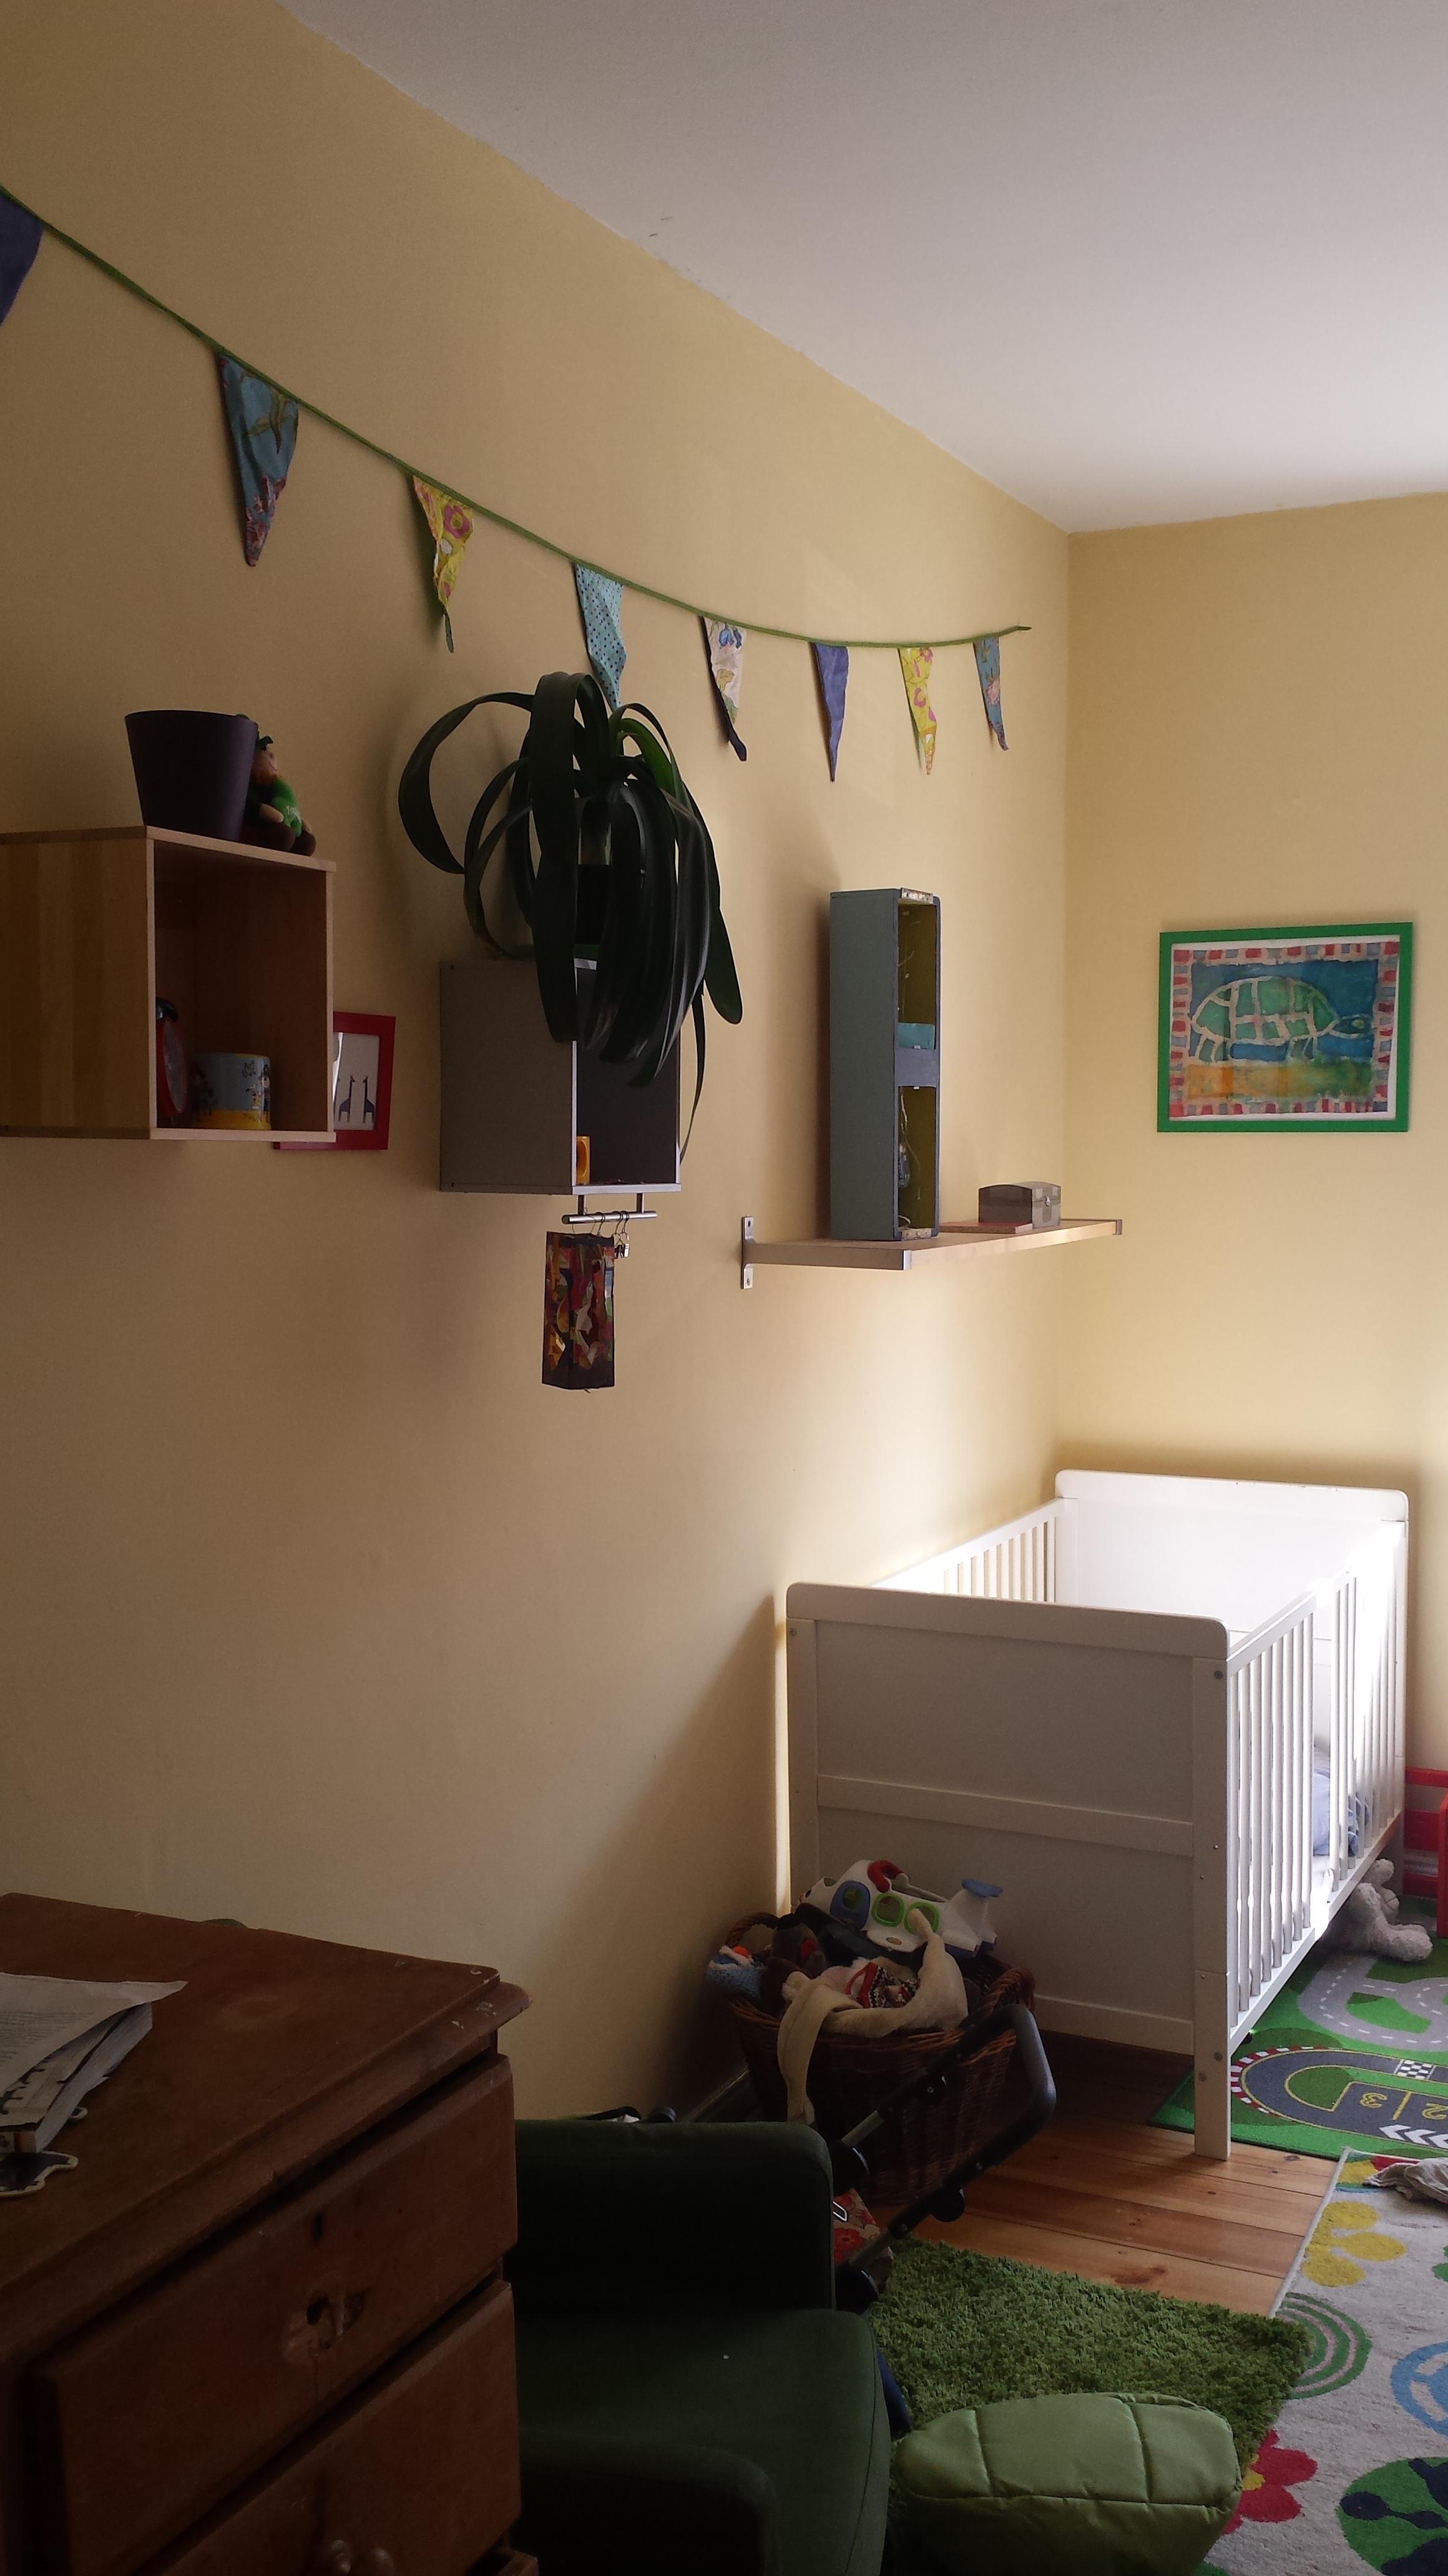 Comment achever un beau d coupage de peinture un coup de craie - Peinture epaisse plafond ...